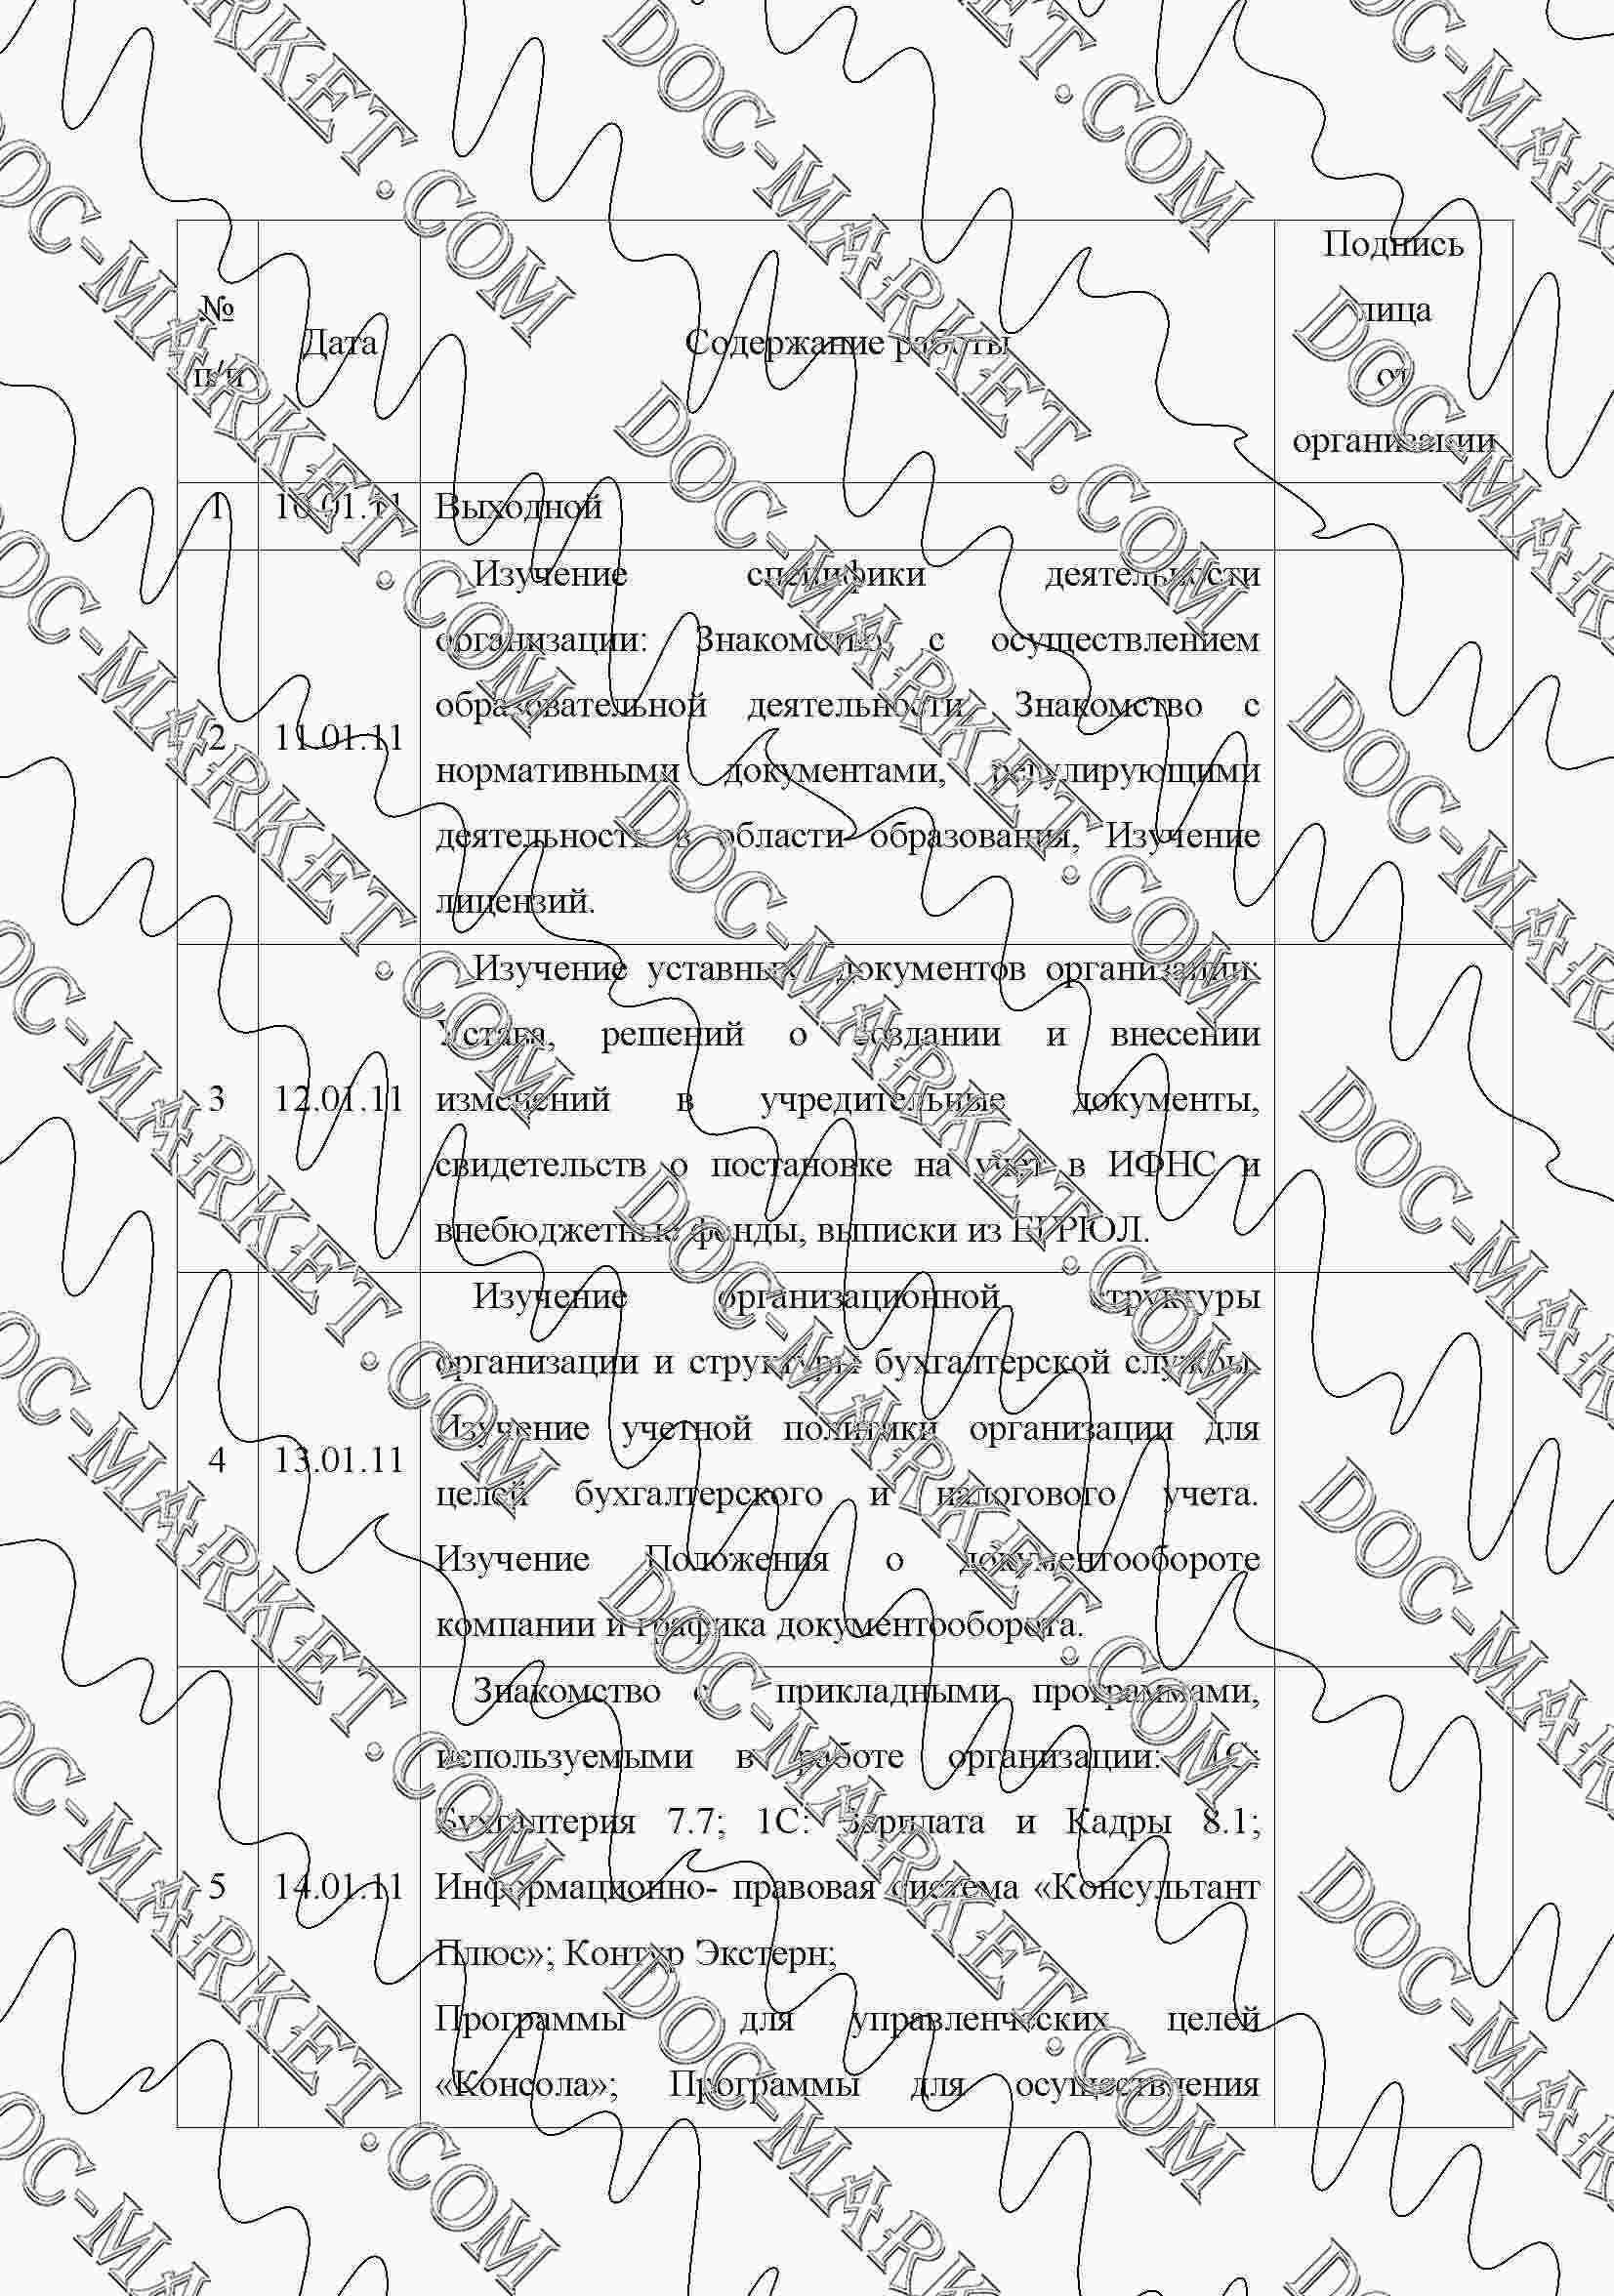 Отчет По Преддипломной Практике Финансы И Кредит В Строительной Фирме  doc market com files doc